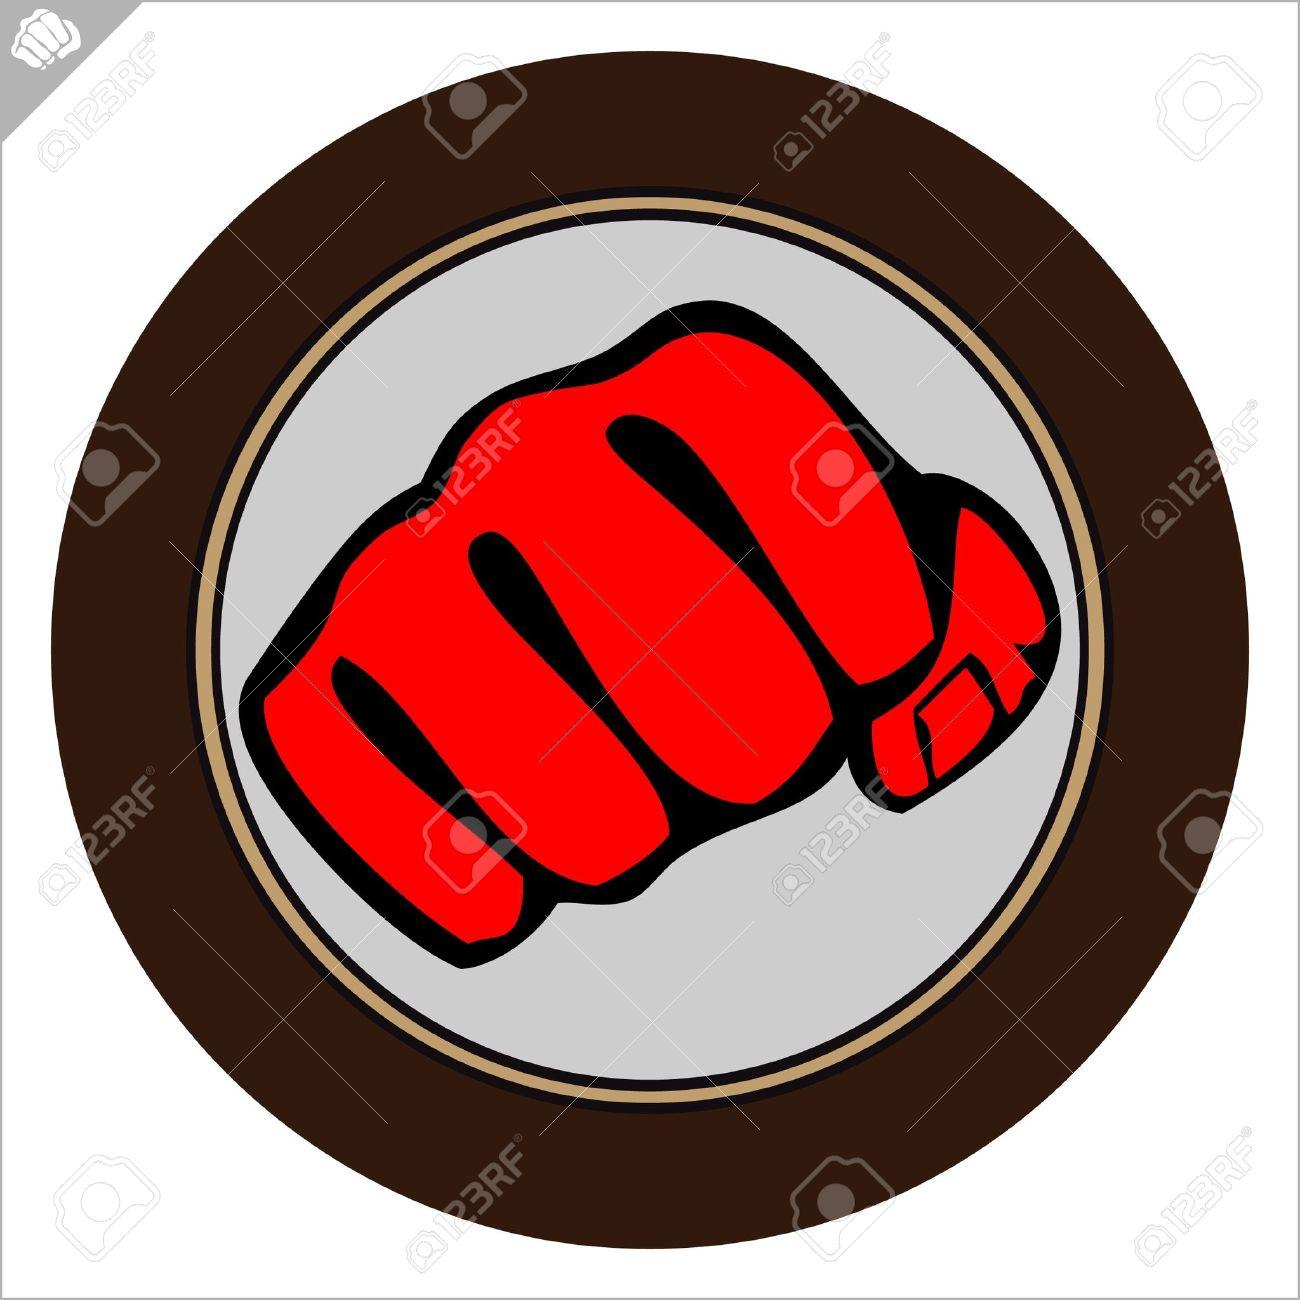 Fist  poster. martial arts colored emblem, simbol. Stock Vector - 11932230